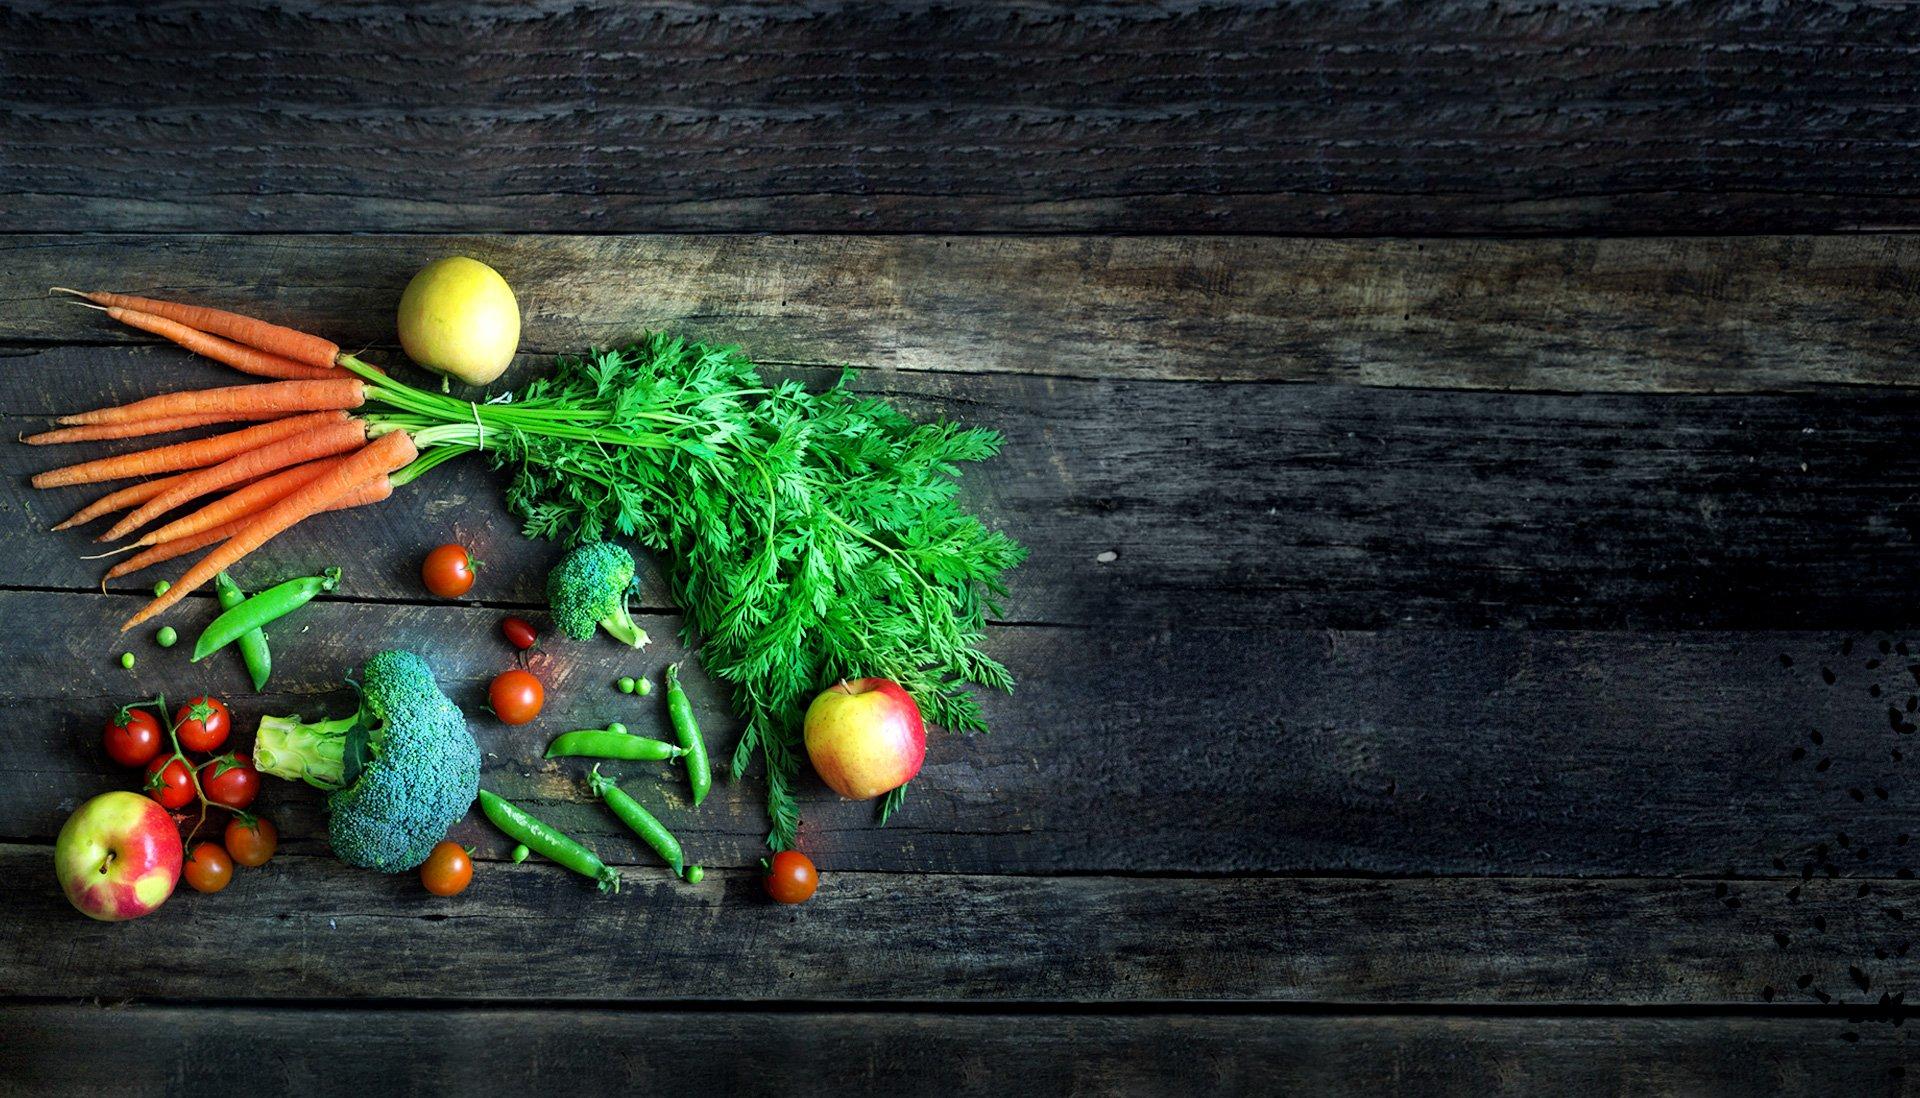 Tarlam Benim Doğal Organik Lezzetli Tarım Ürünleri